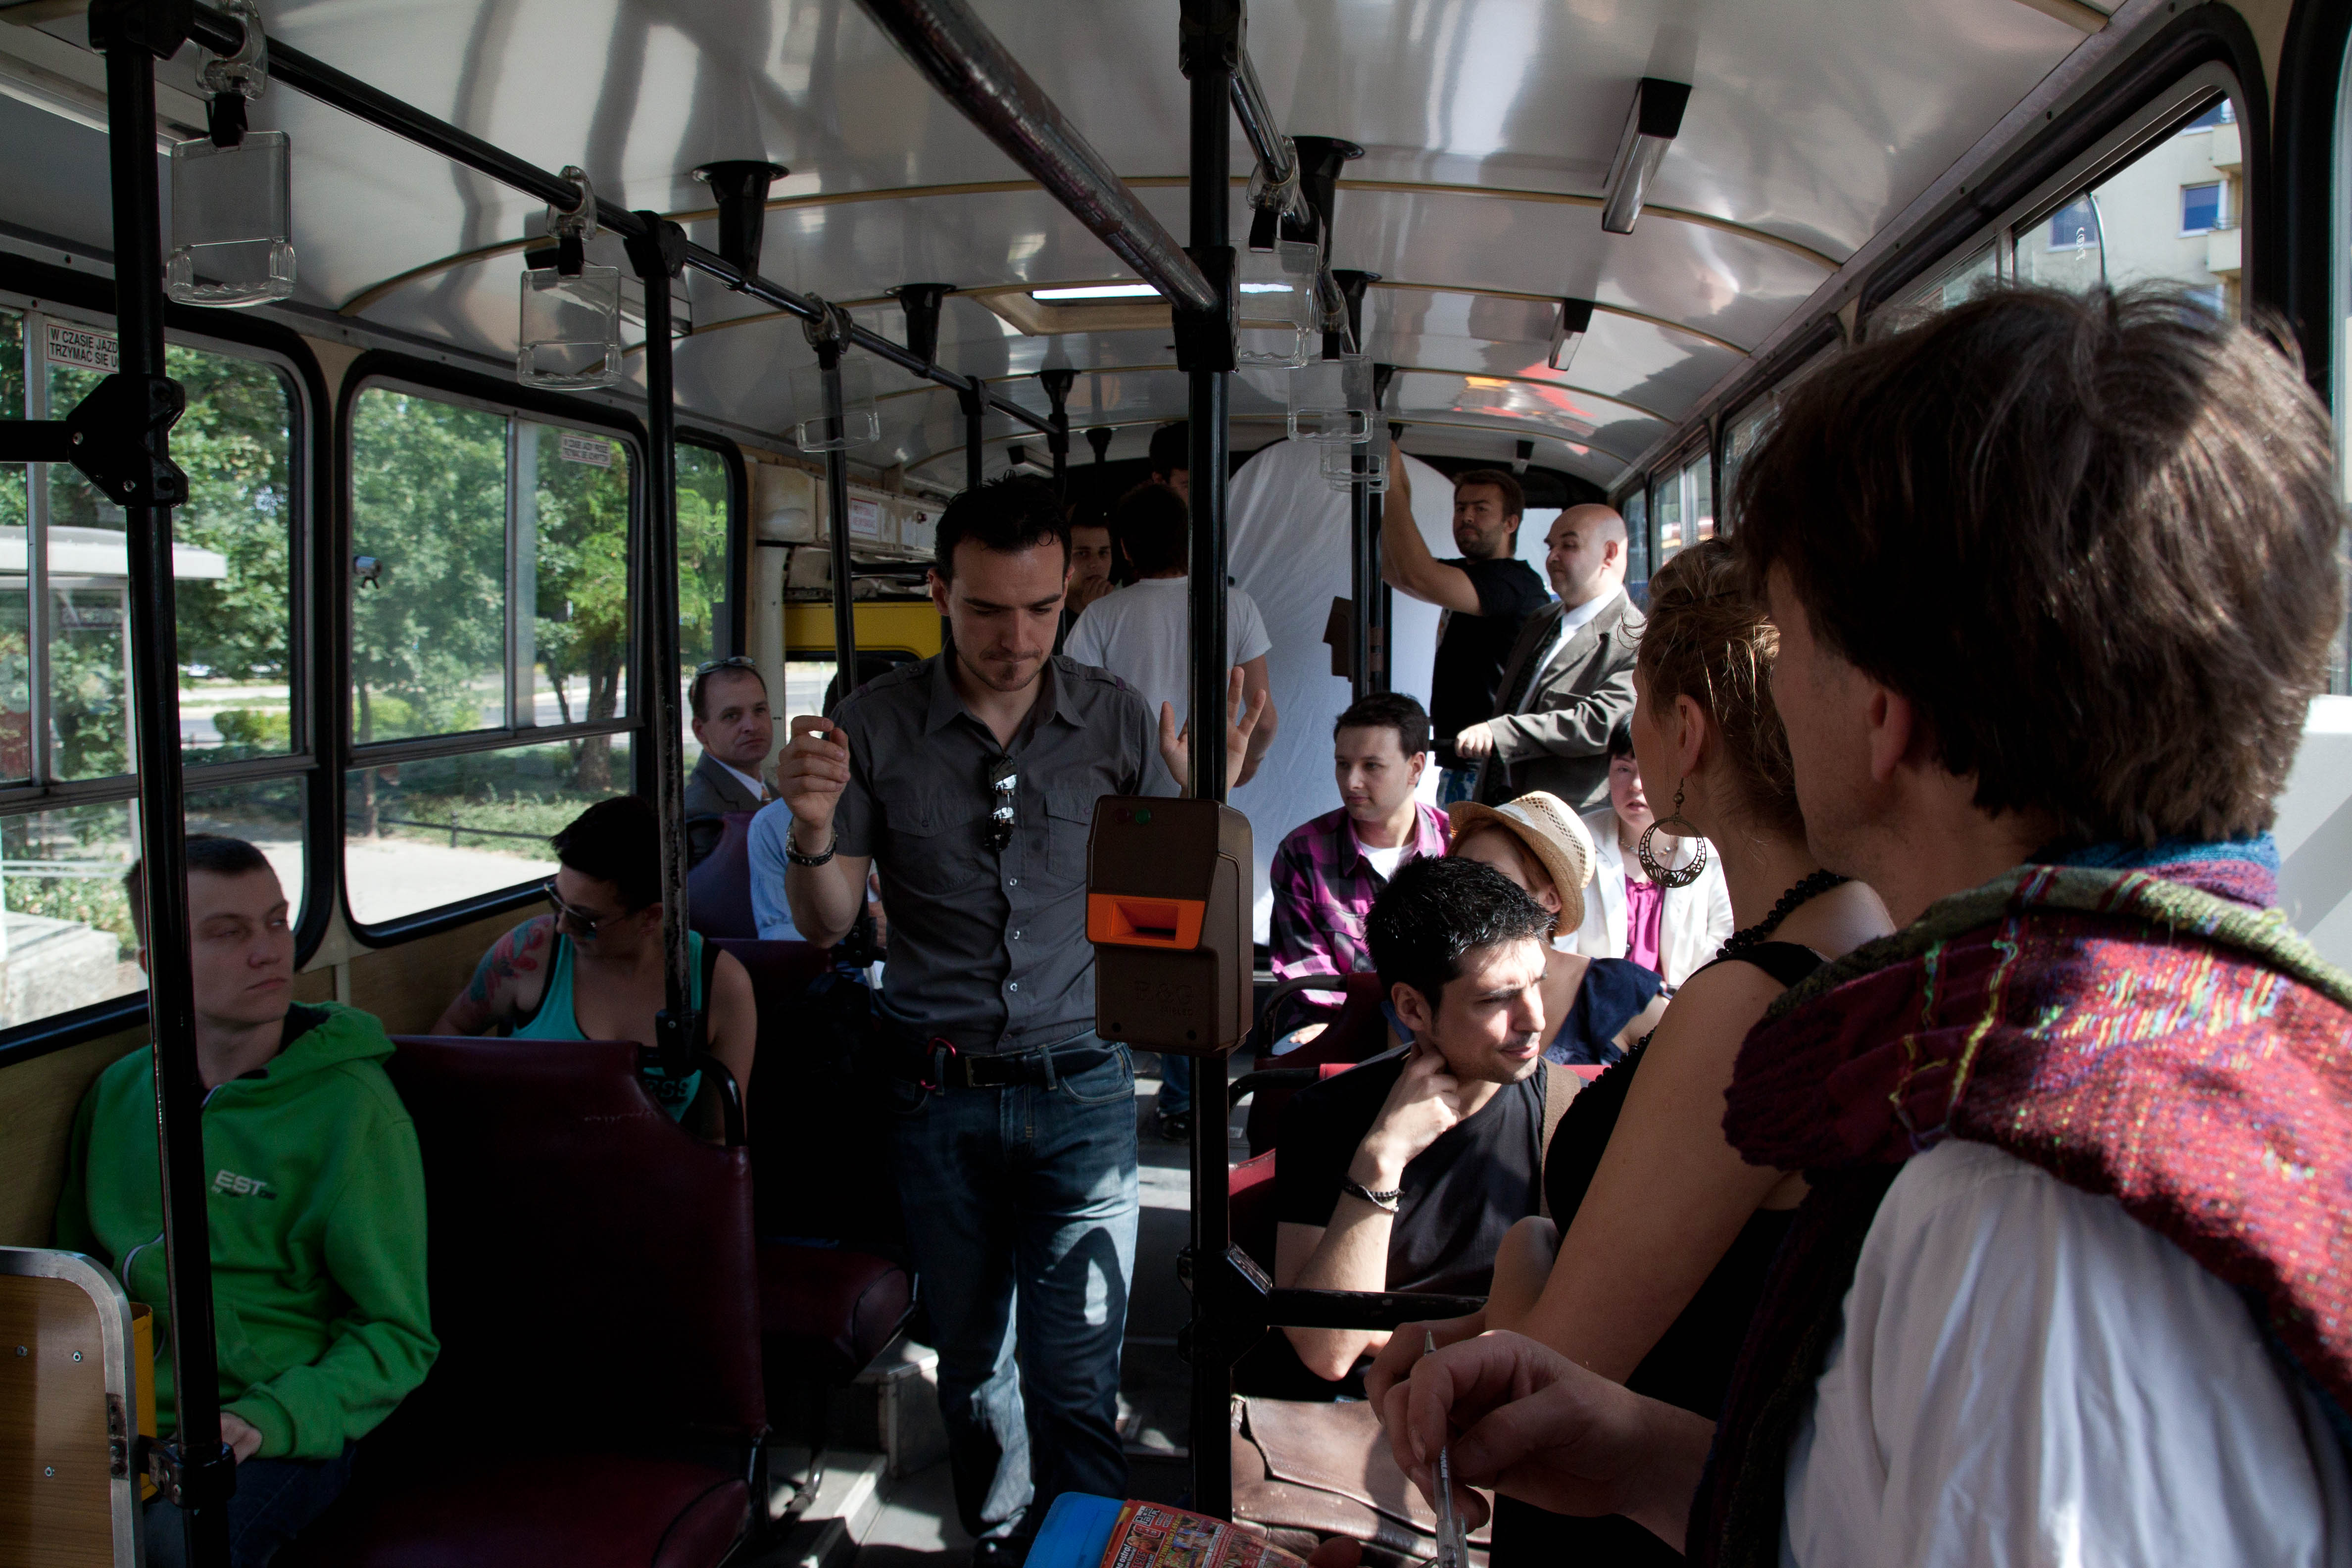 Bus Scum